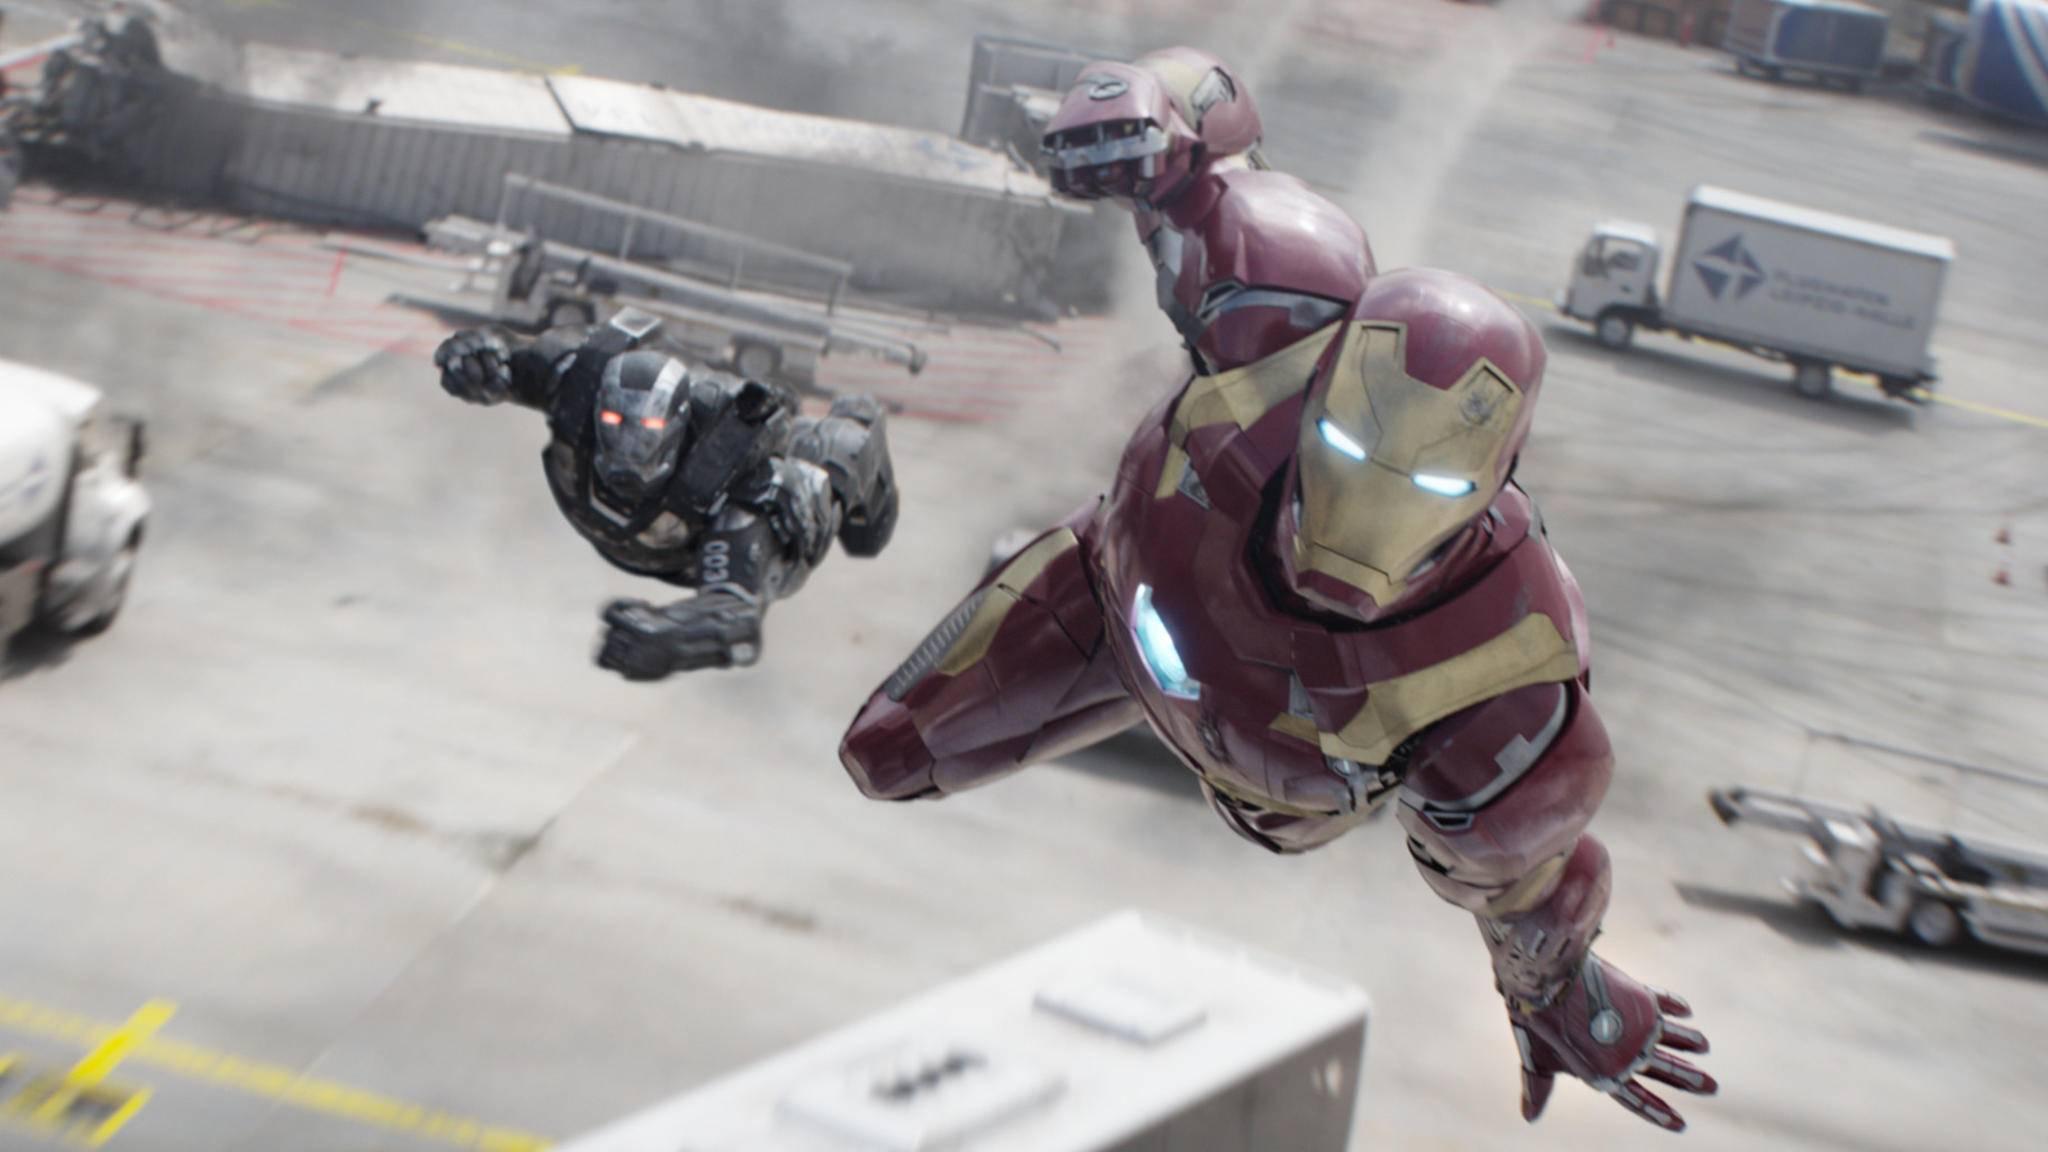 """Im Film """"The First Avenger: Civil War"""" durfte Carol Danvers nicht mitmischen – in den Comics spielte sie hingegen eine wesentliche Rolle im Kampf für und gegen Iron Man."""